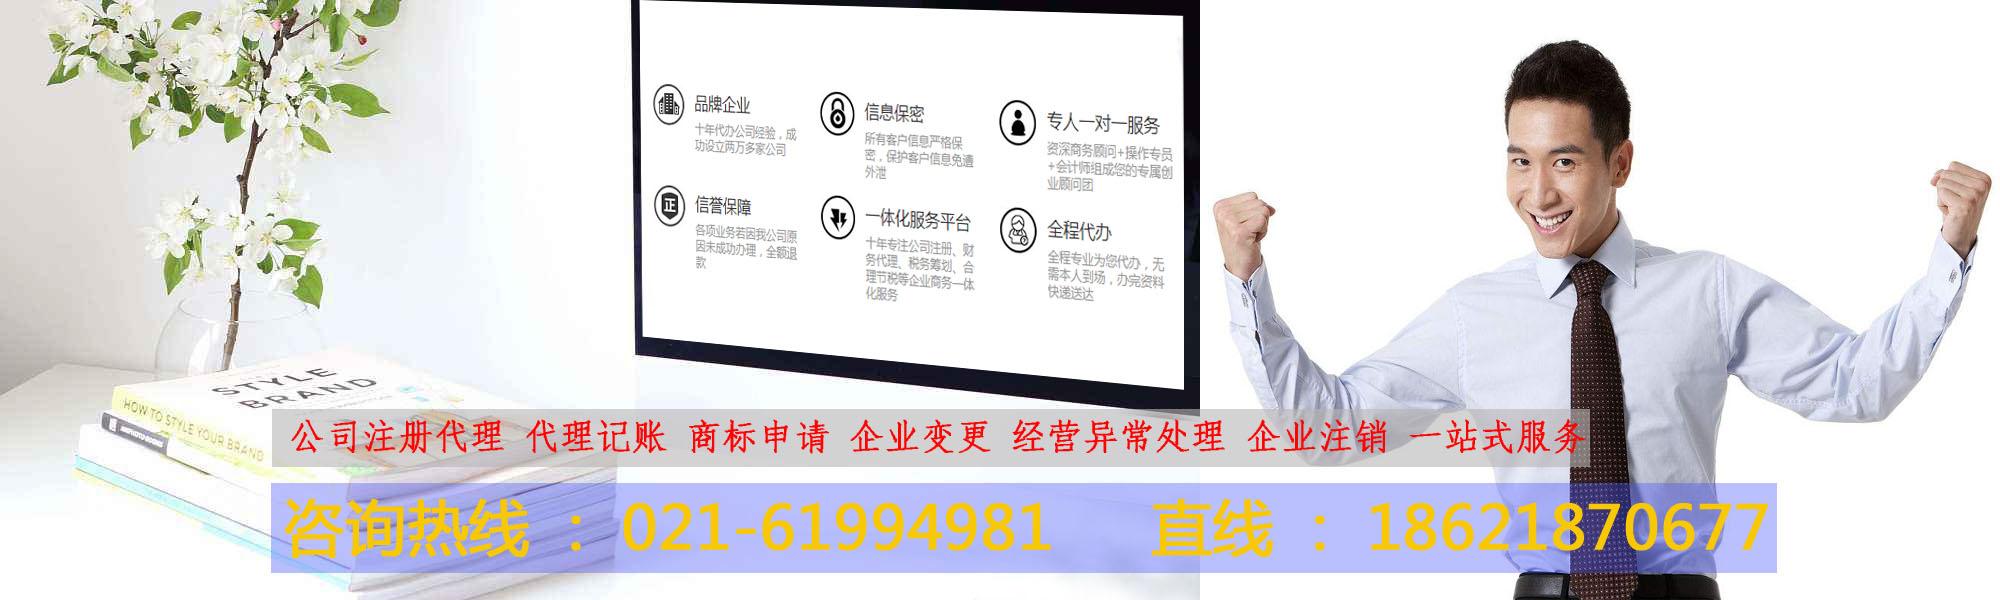 松江注册公司|屏江企业服务(上海)有限责任公司